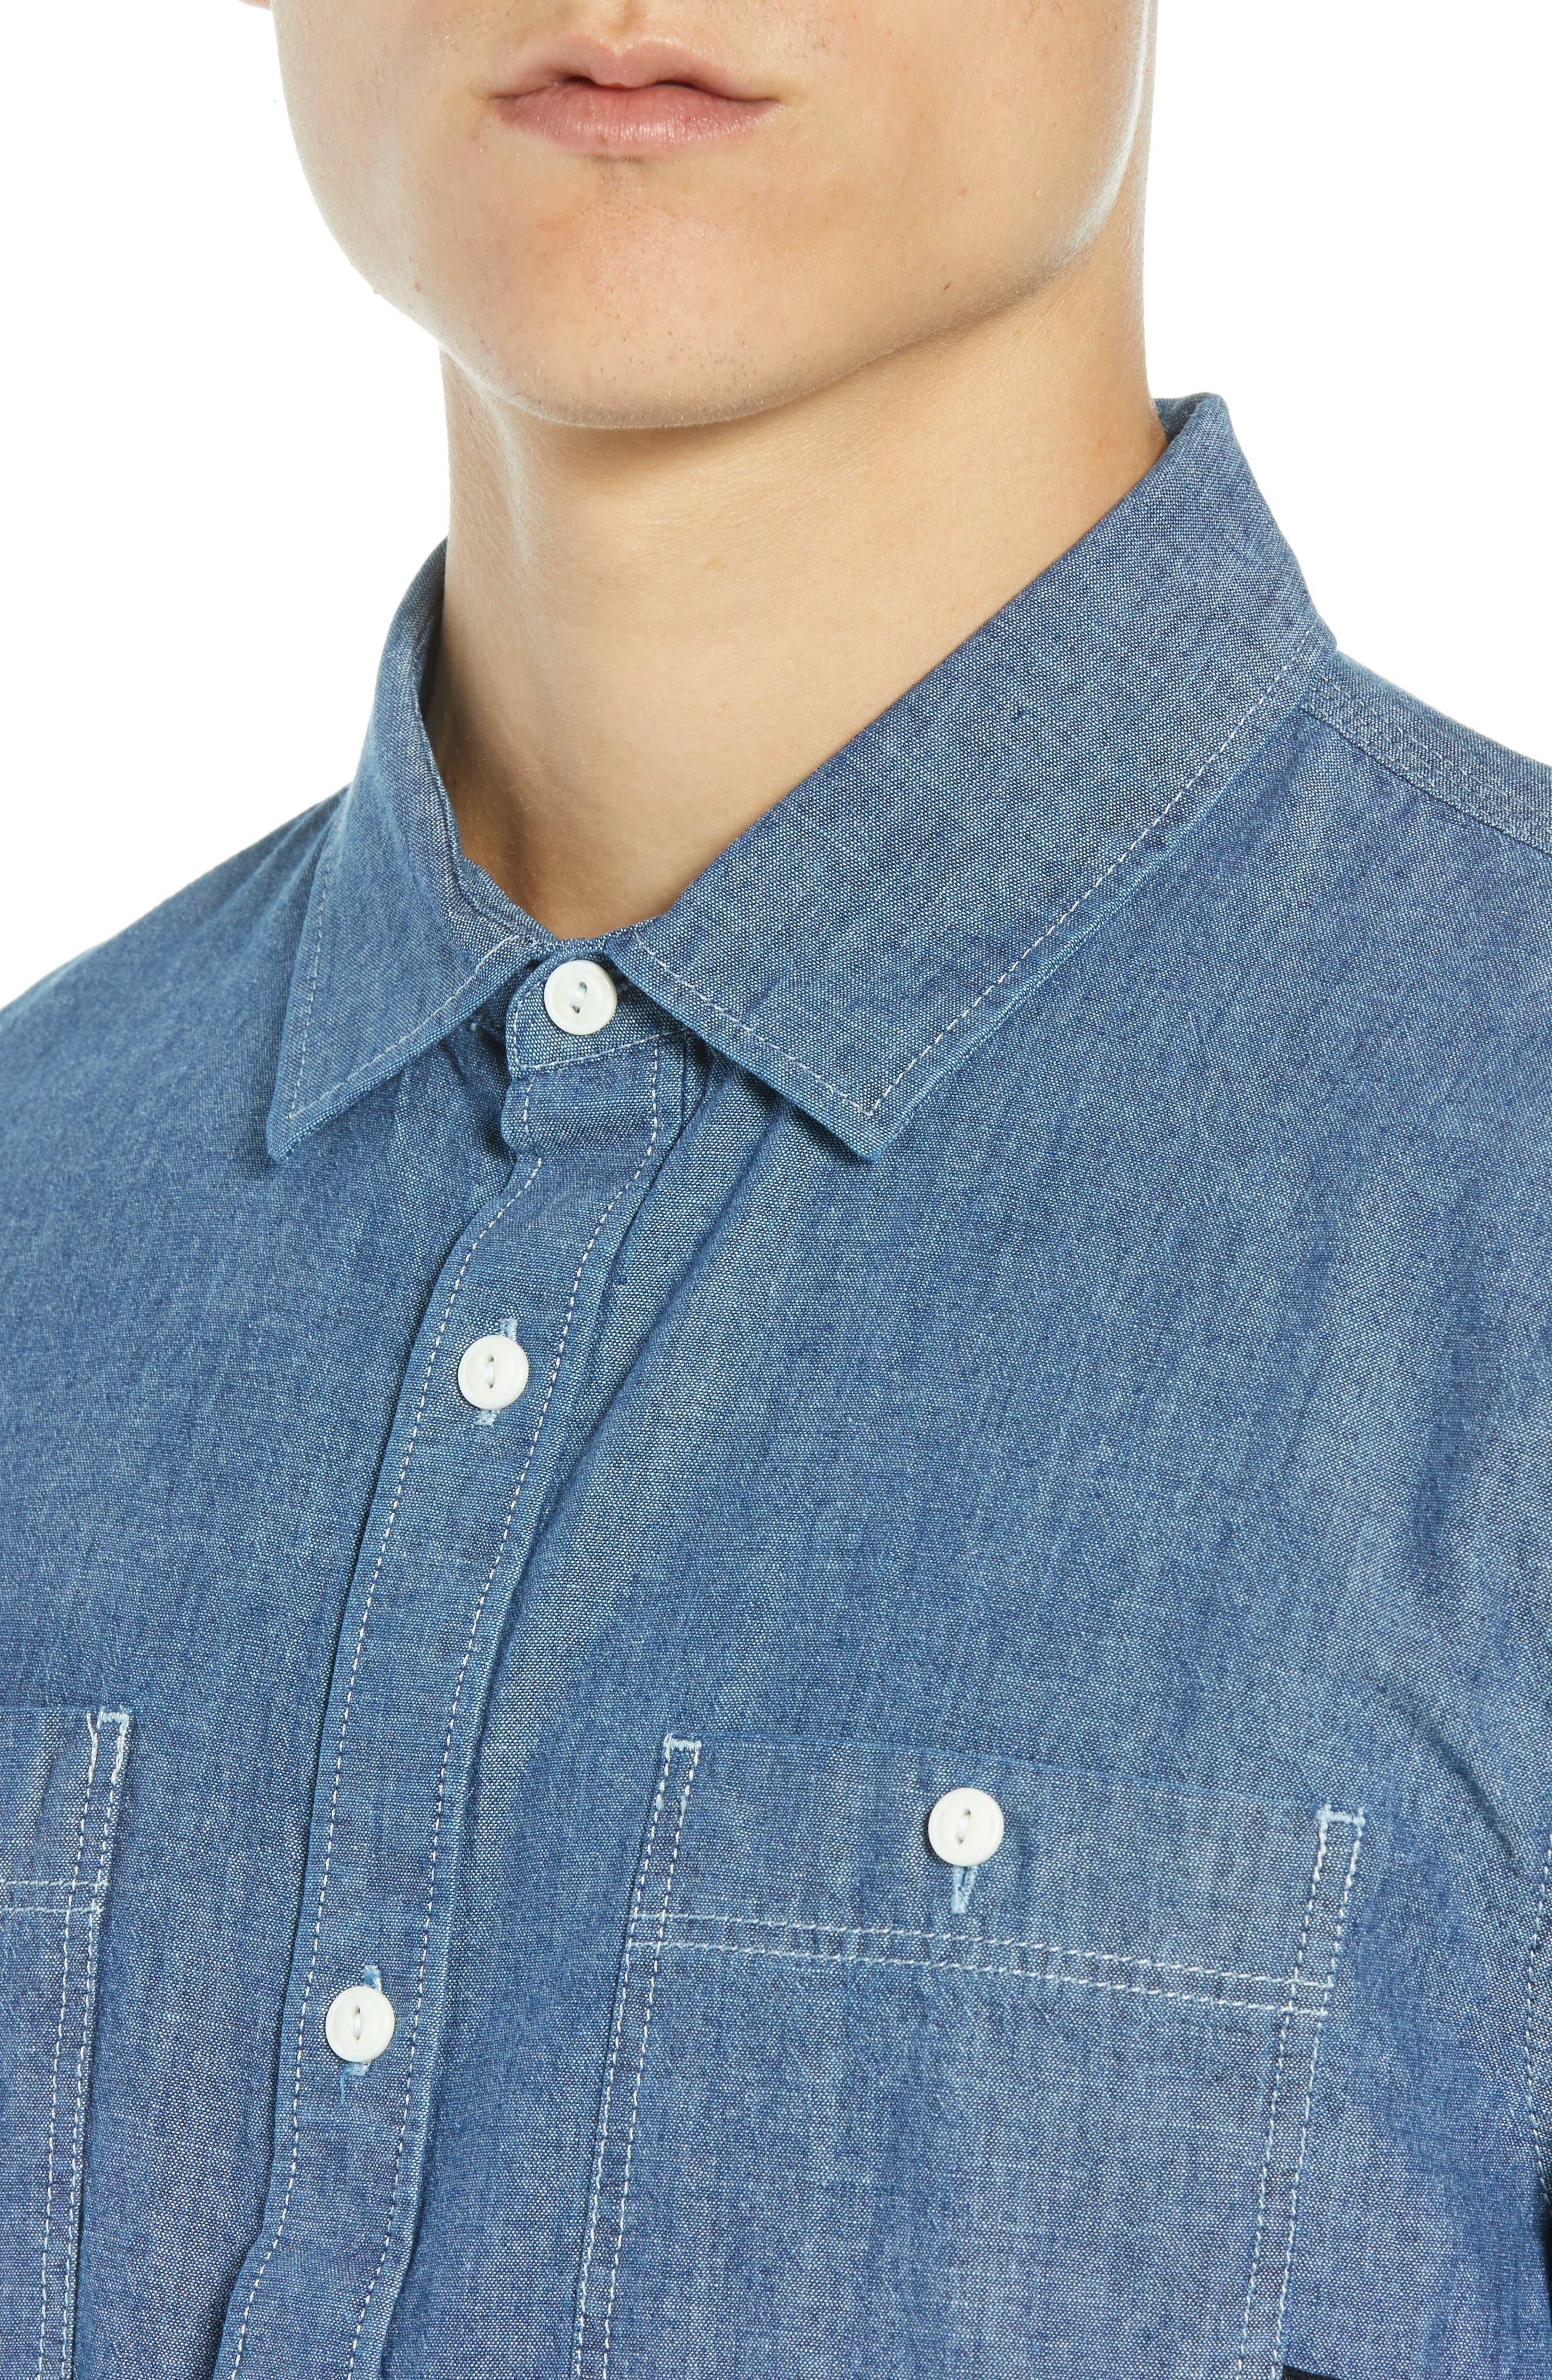 Carlow Chambray Shirt,                             Alternate thumbnail 2, color,                             420